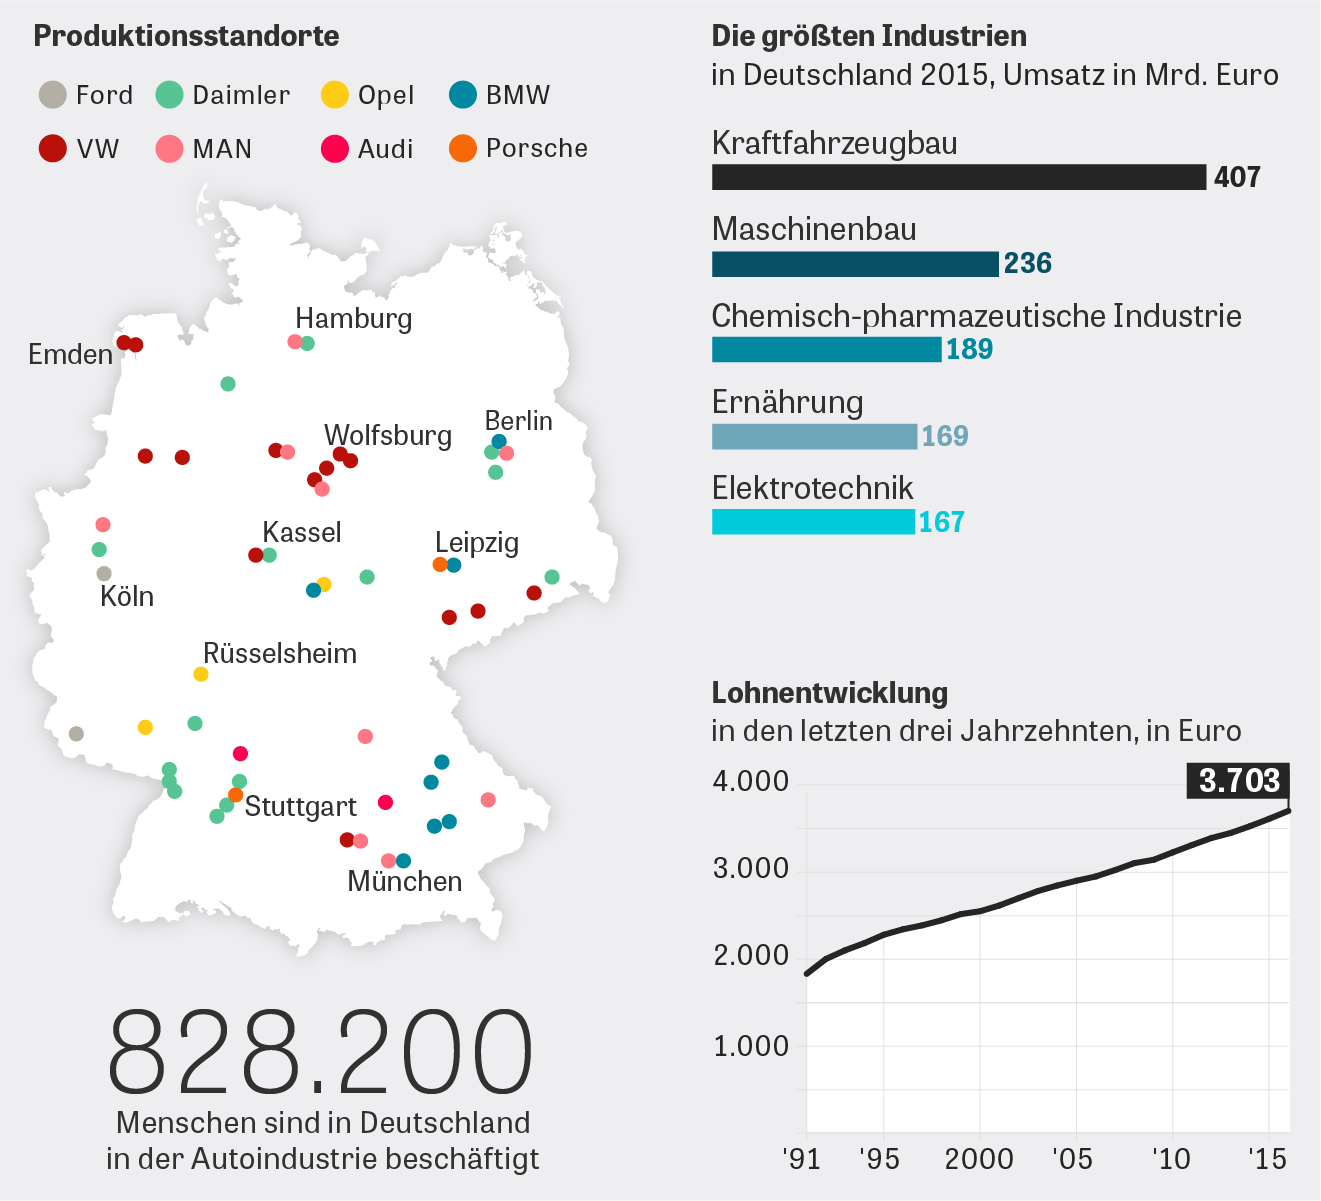 Automobilindustrie Beschäftigung Deutschland